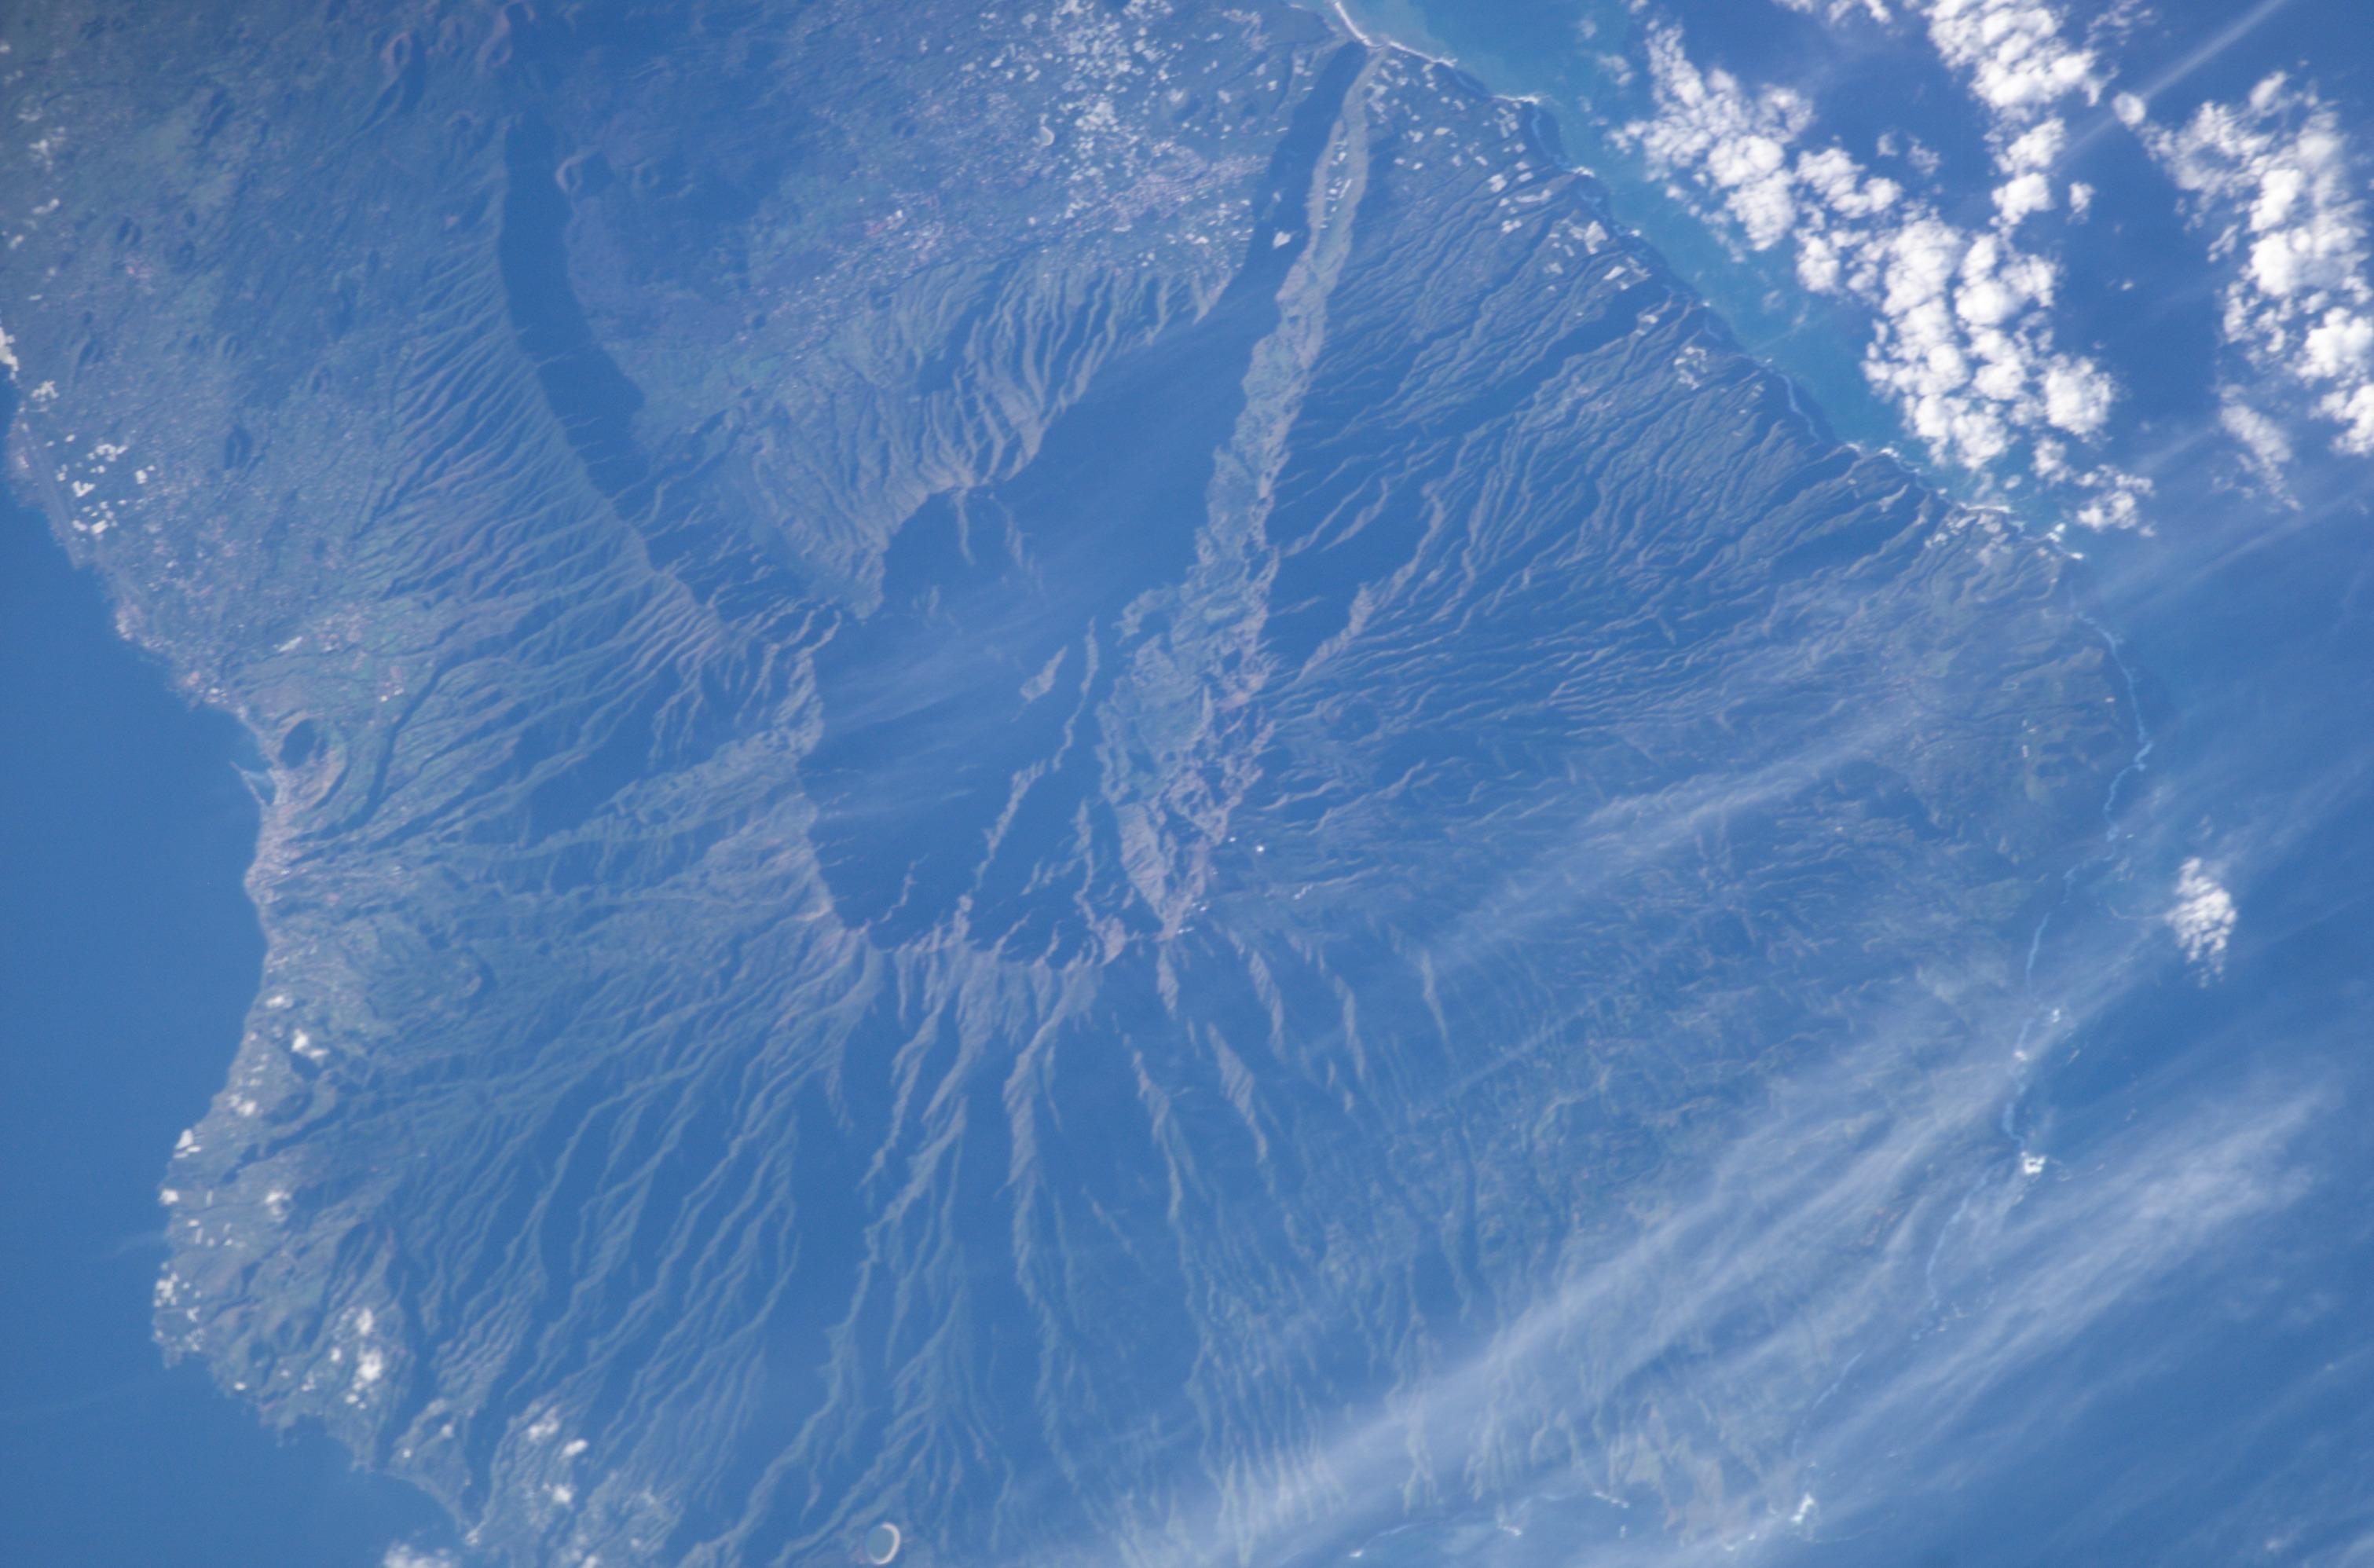 File:La palma volcano-close.jpg - Wikipedia, the free